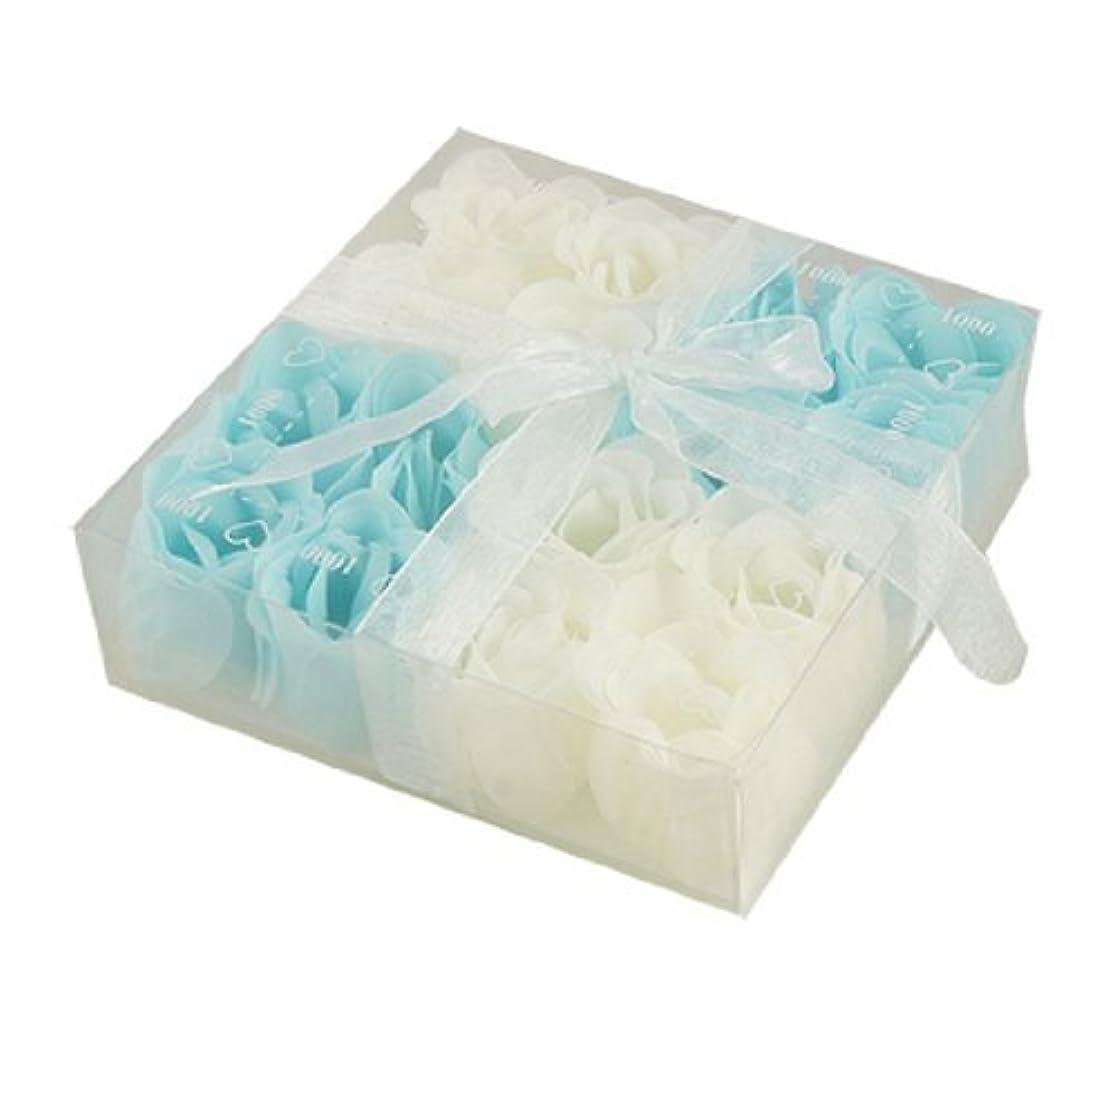 集中的なロードブロッキング凝視DealMuxベイビーブルーホワイト16個の香りの入浴ソープローズペタルギフト